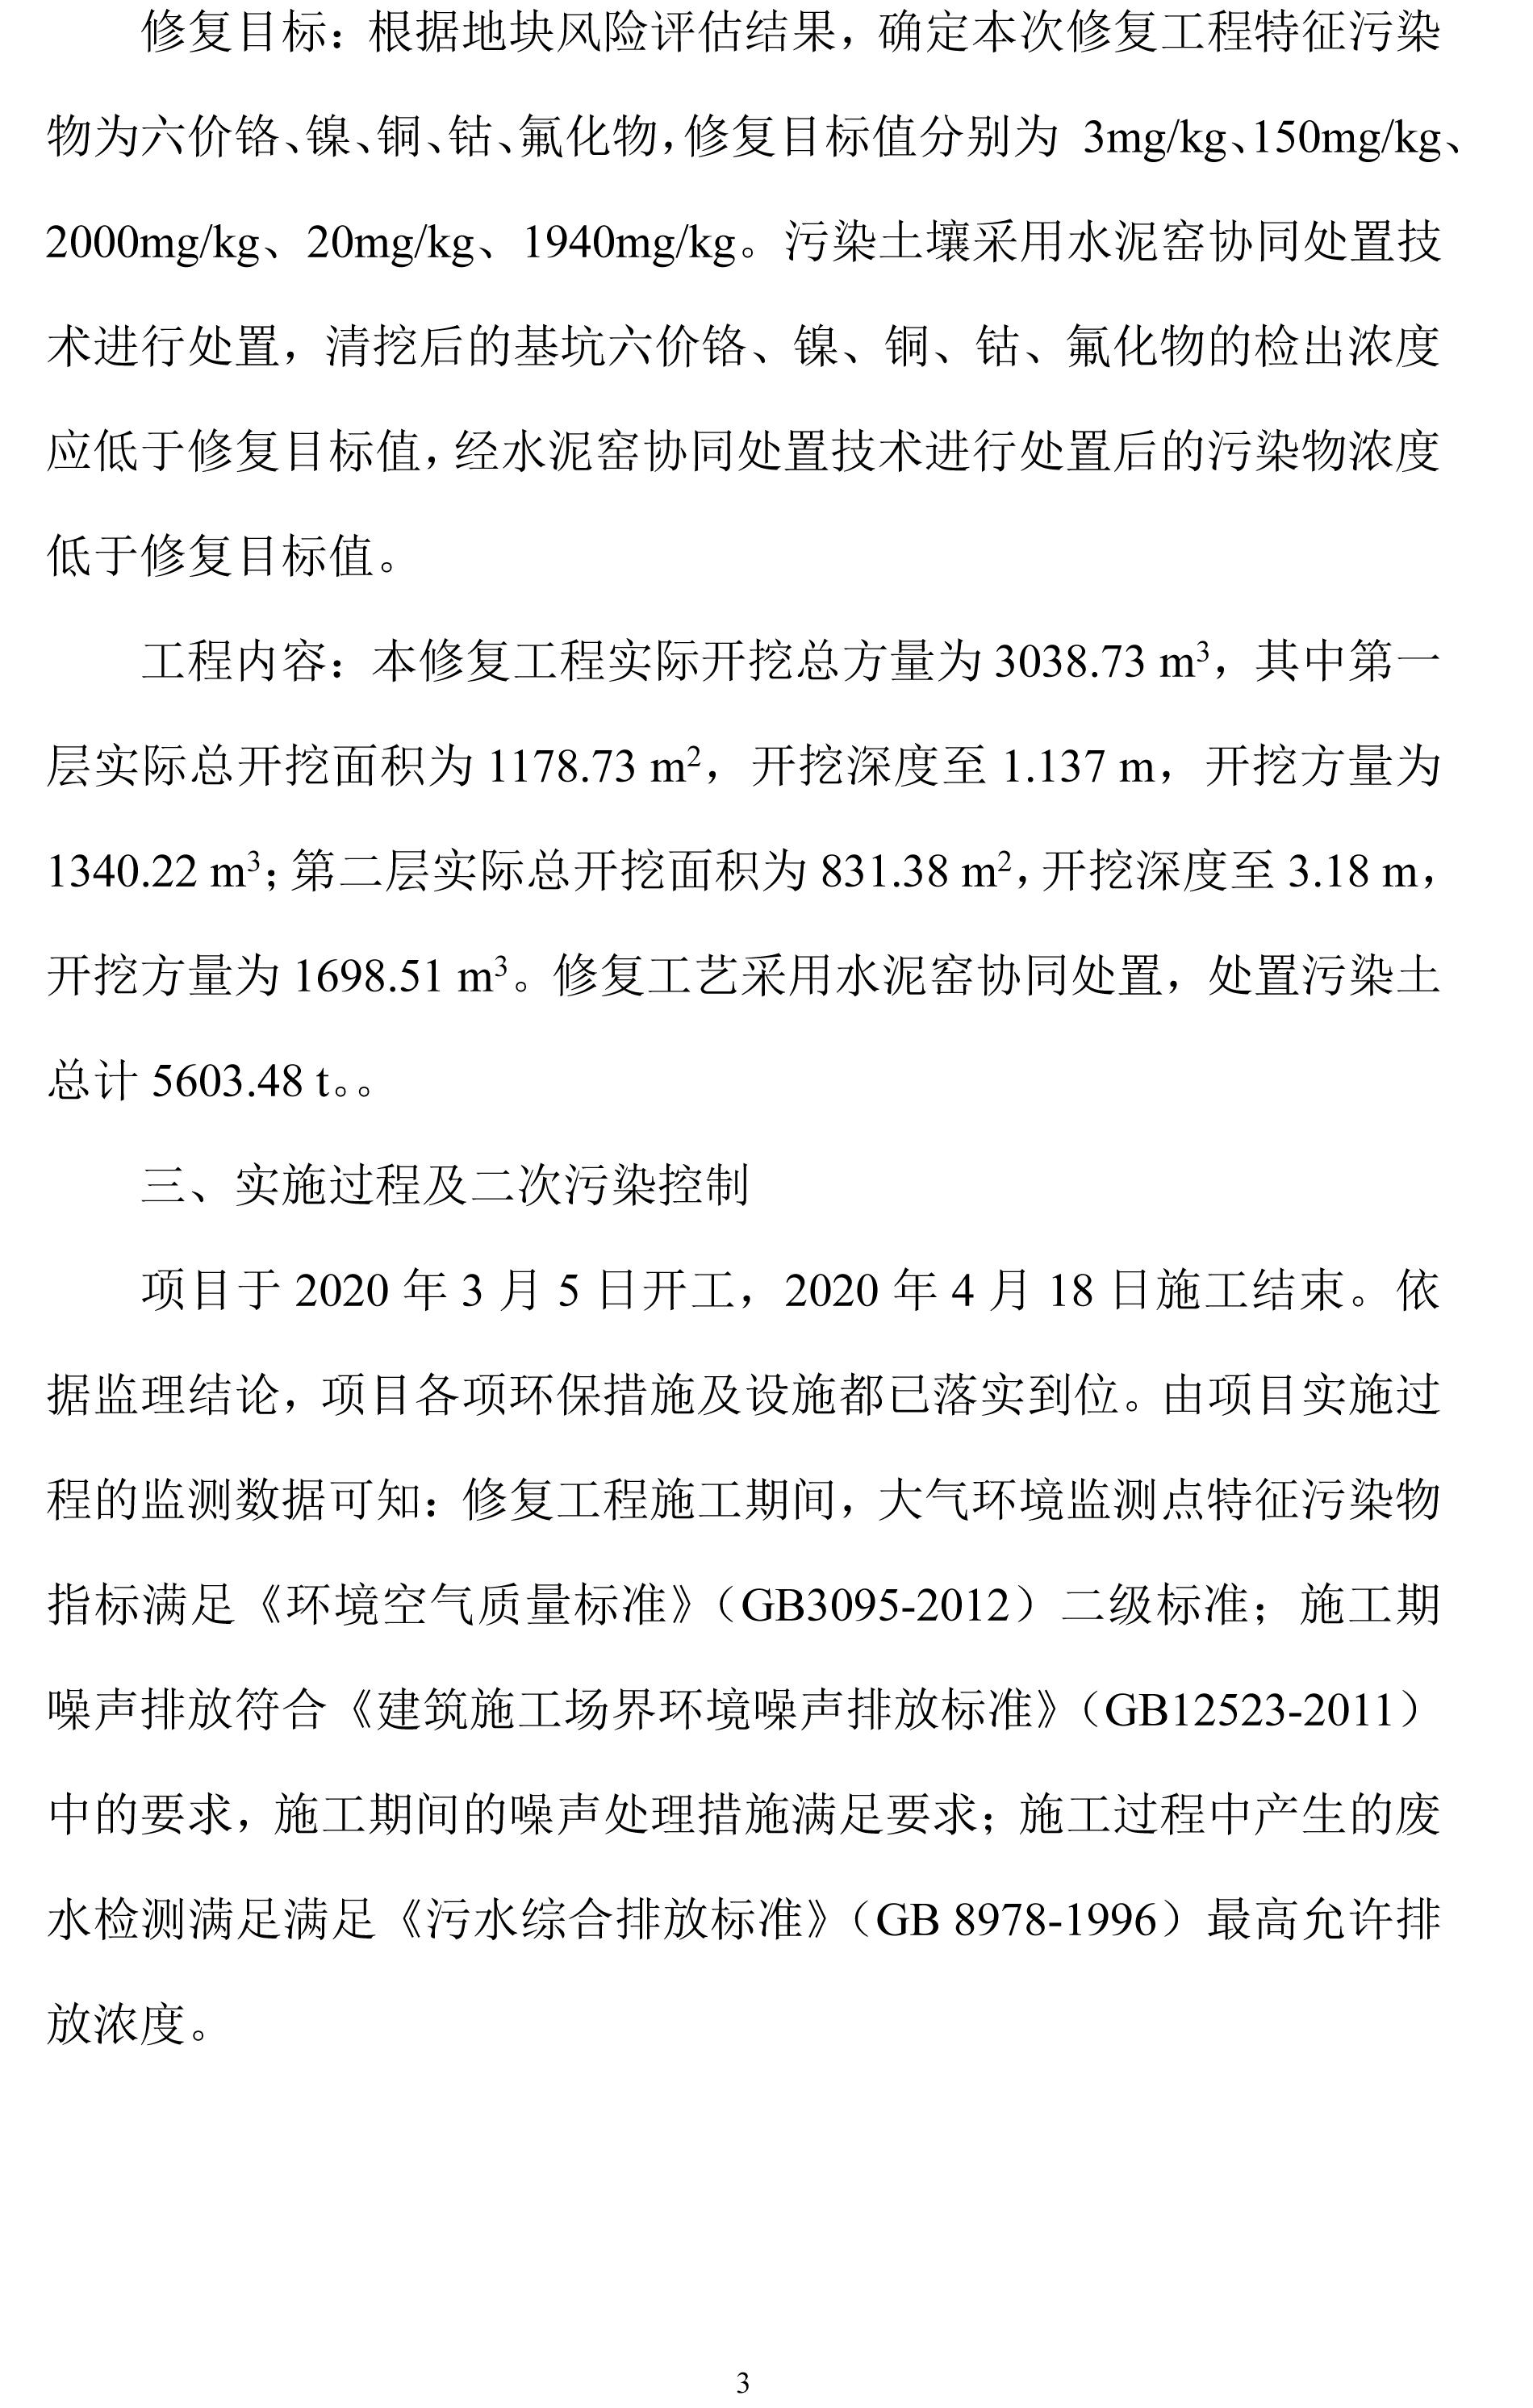 关于《合肥明光电镀厂新厂区地块新宝5下载app手机下载安装效果评估报告》的信息公开-3.jpg